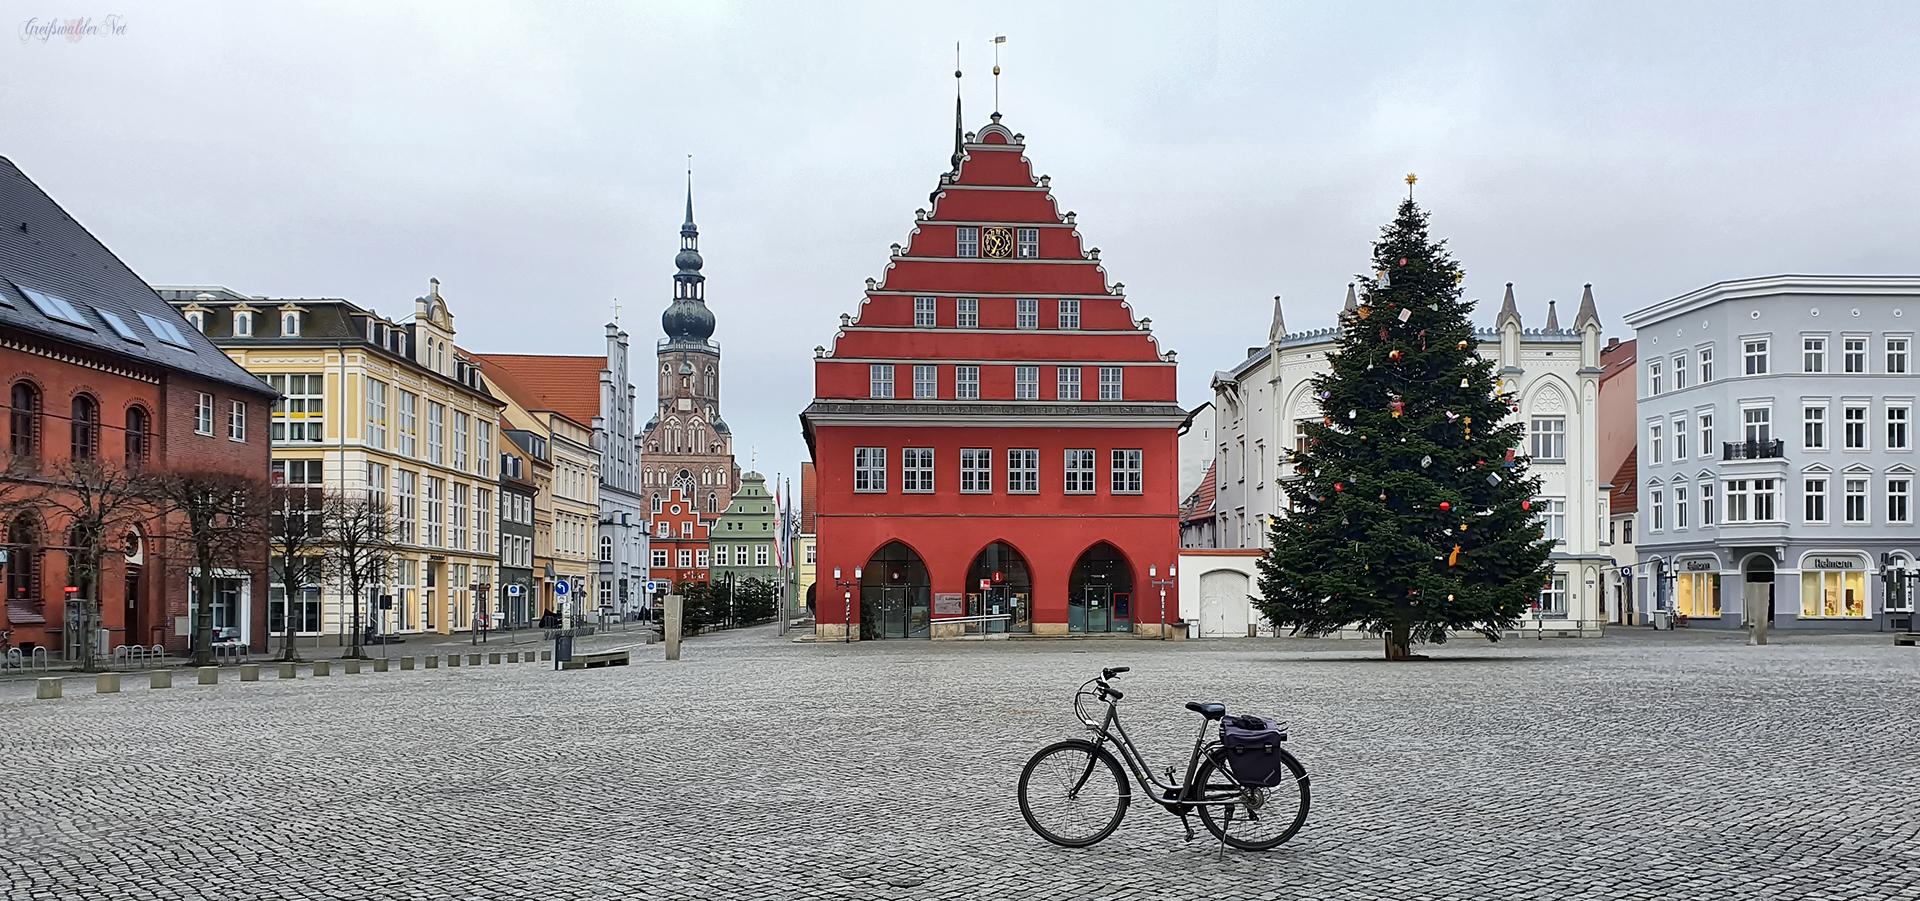 Neujahr auf dem Marktplatz in Greifswald